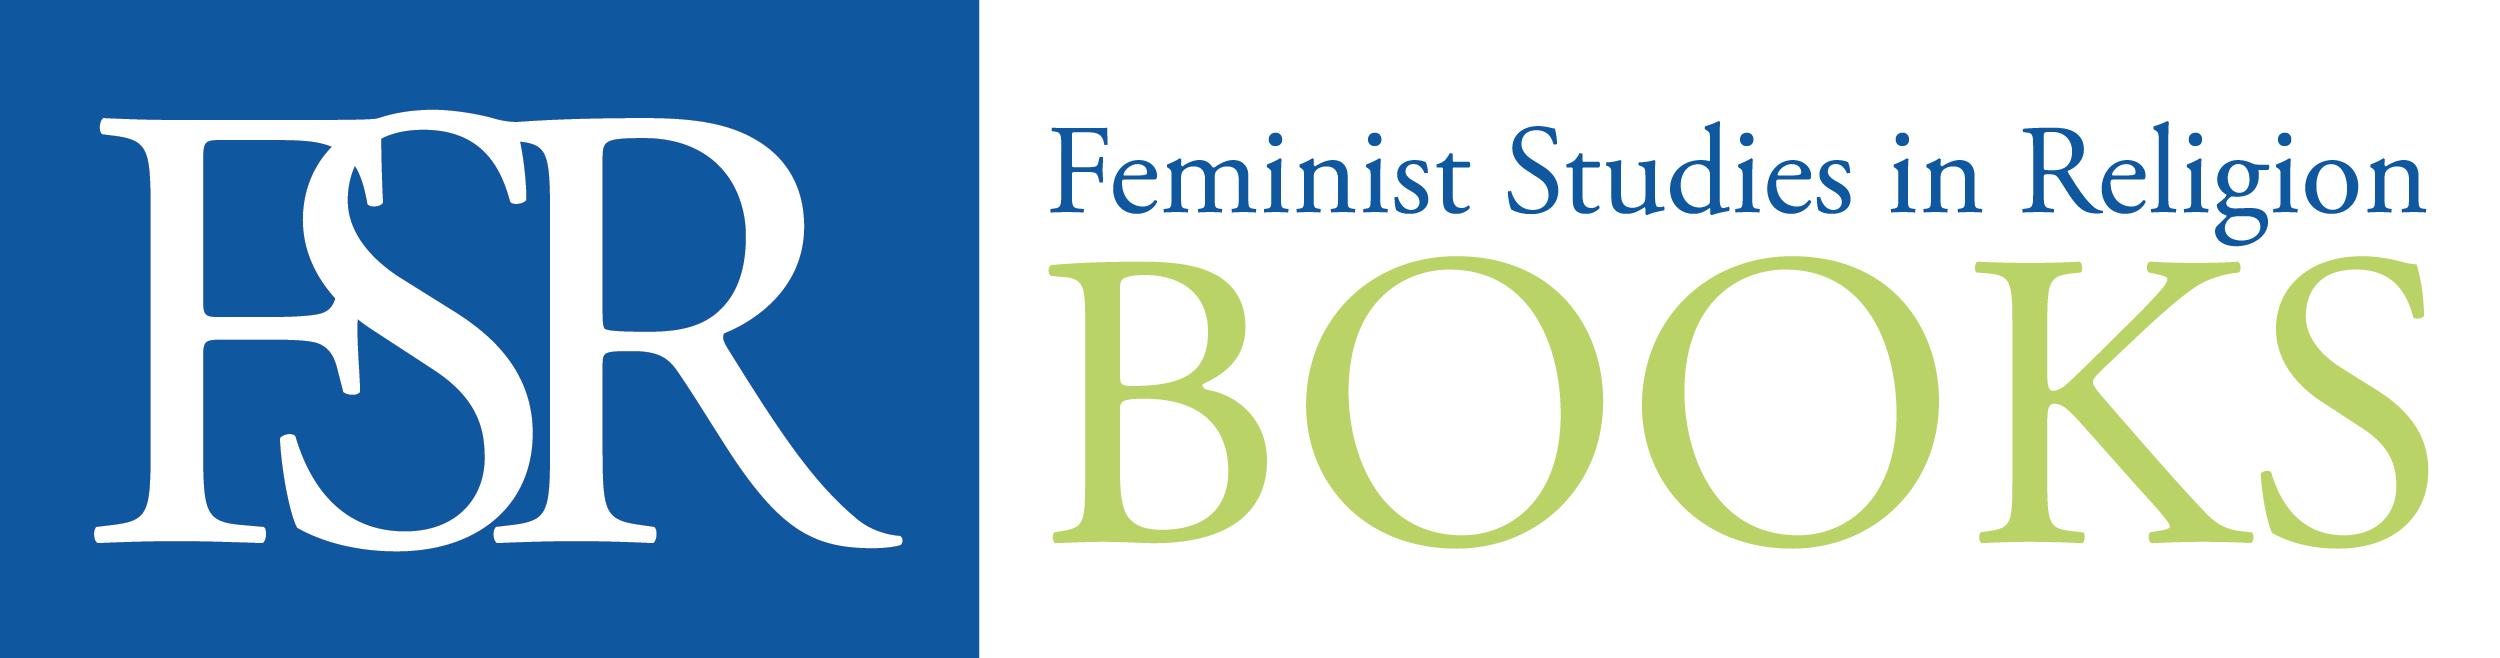 fsr books png purchase women religion revolution today